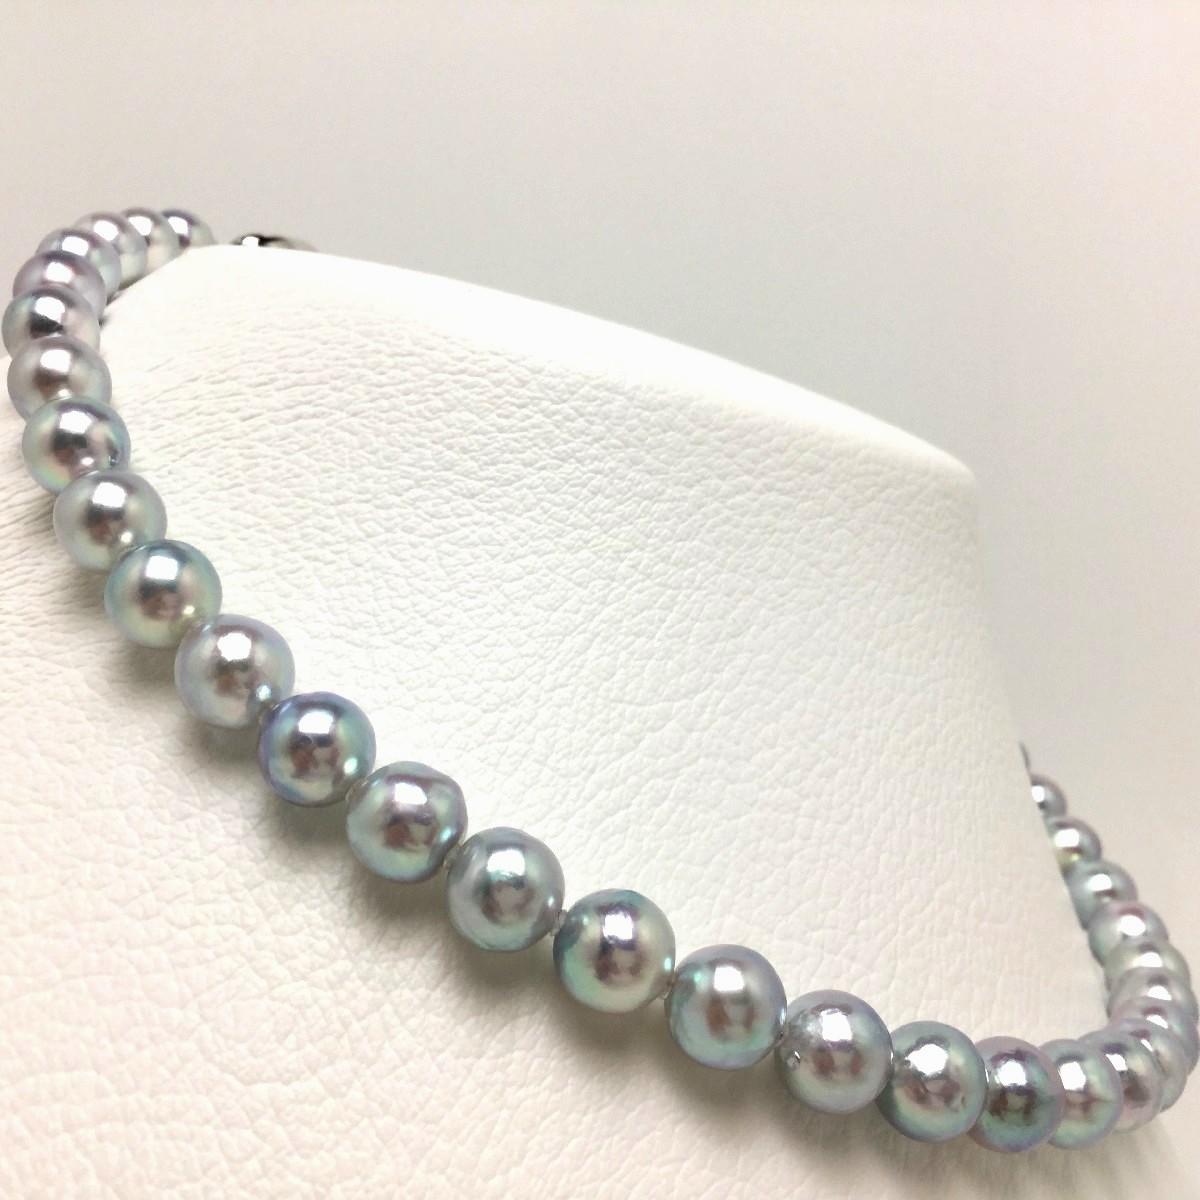 【10%OFF】真珠 ネックレス パール ナチュラルカラー アコヤ真珠 8.5-9.0mm セミバロック シルバー クラスップ 66370 イソワパール